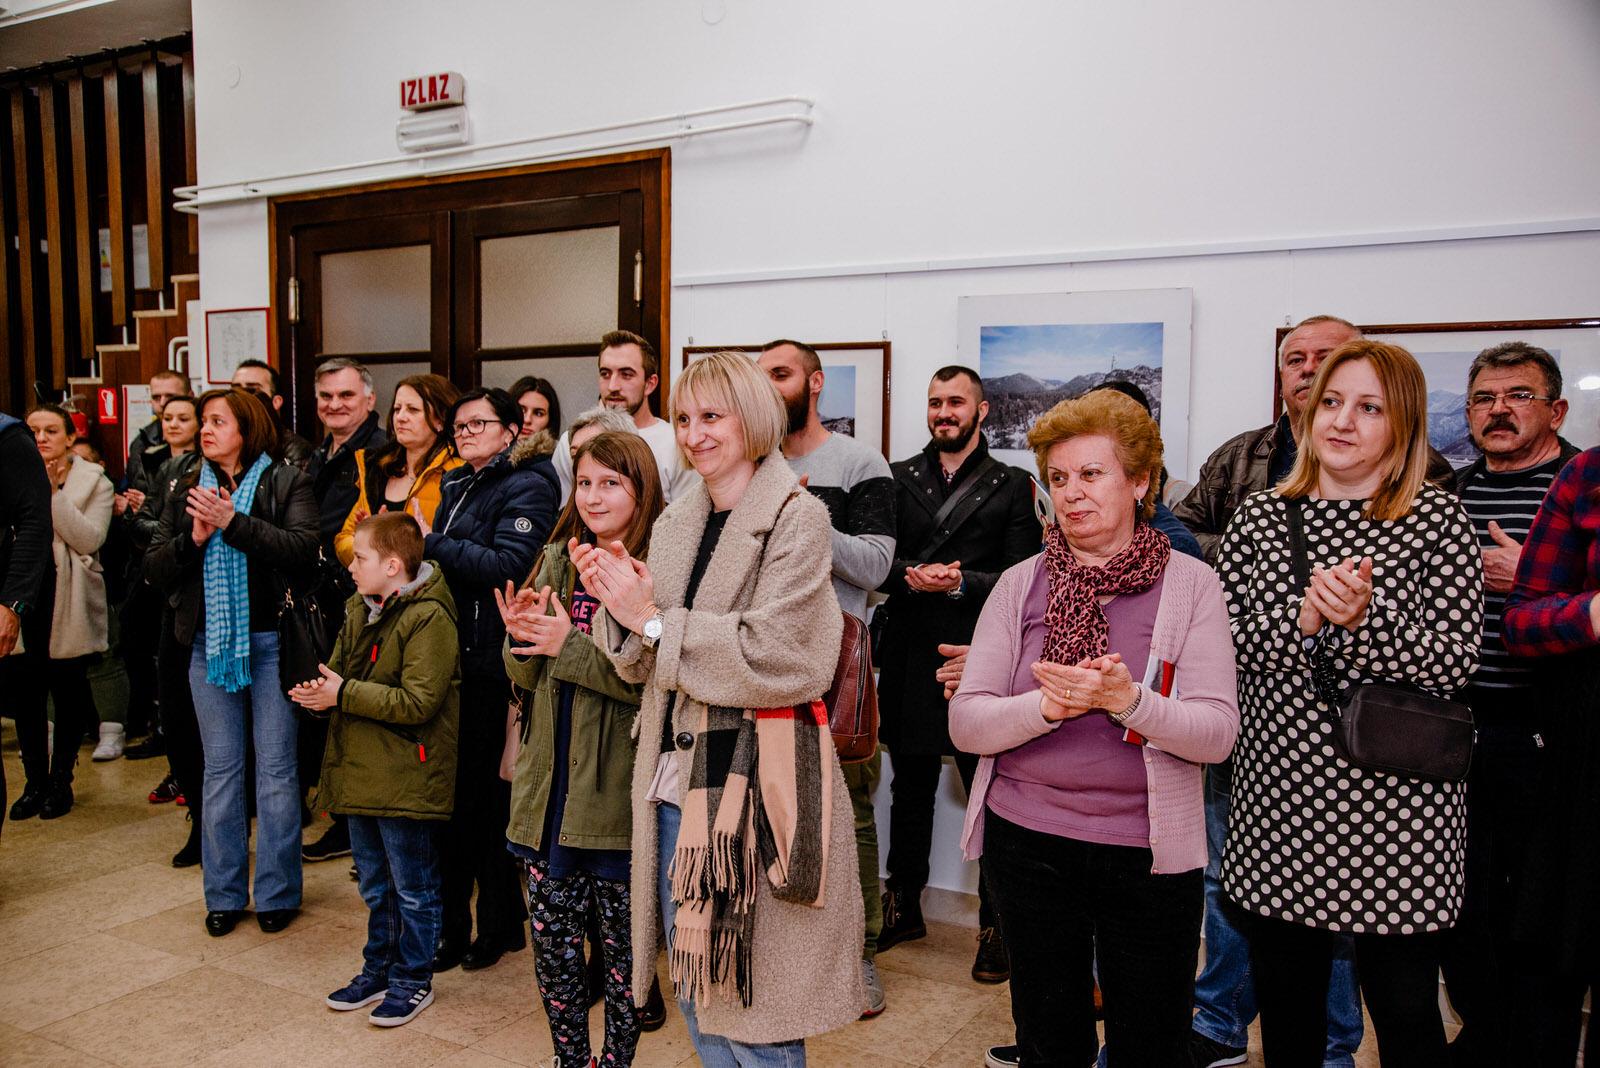 likaclub_izložba fotografije nita ratković_2020 (14)